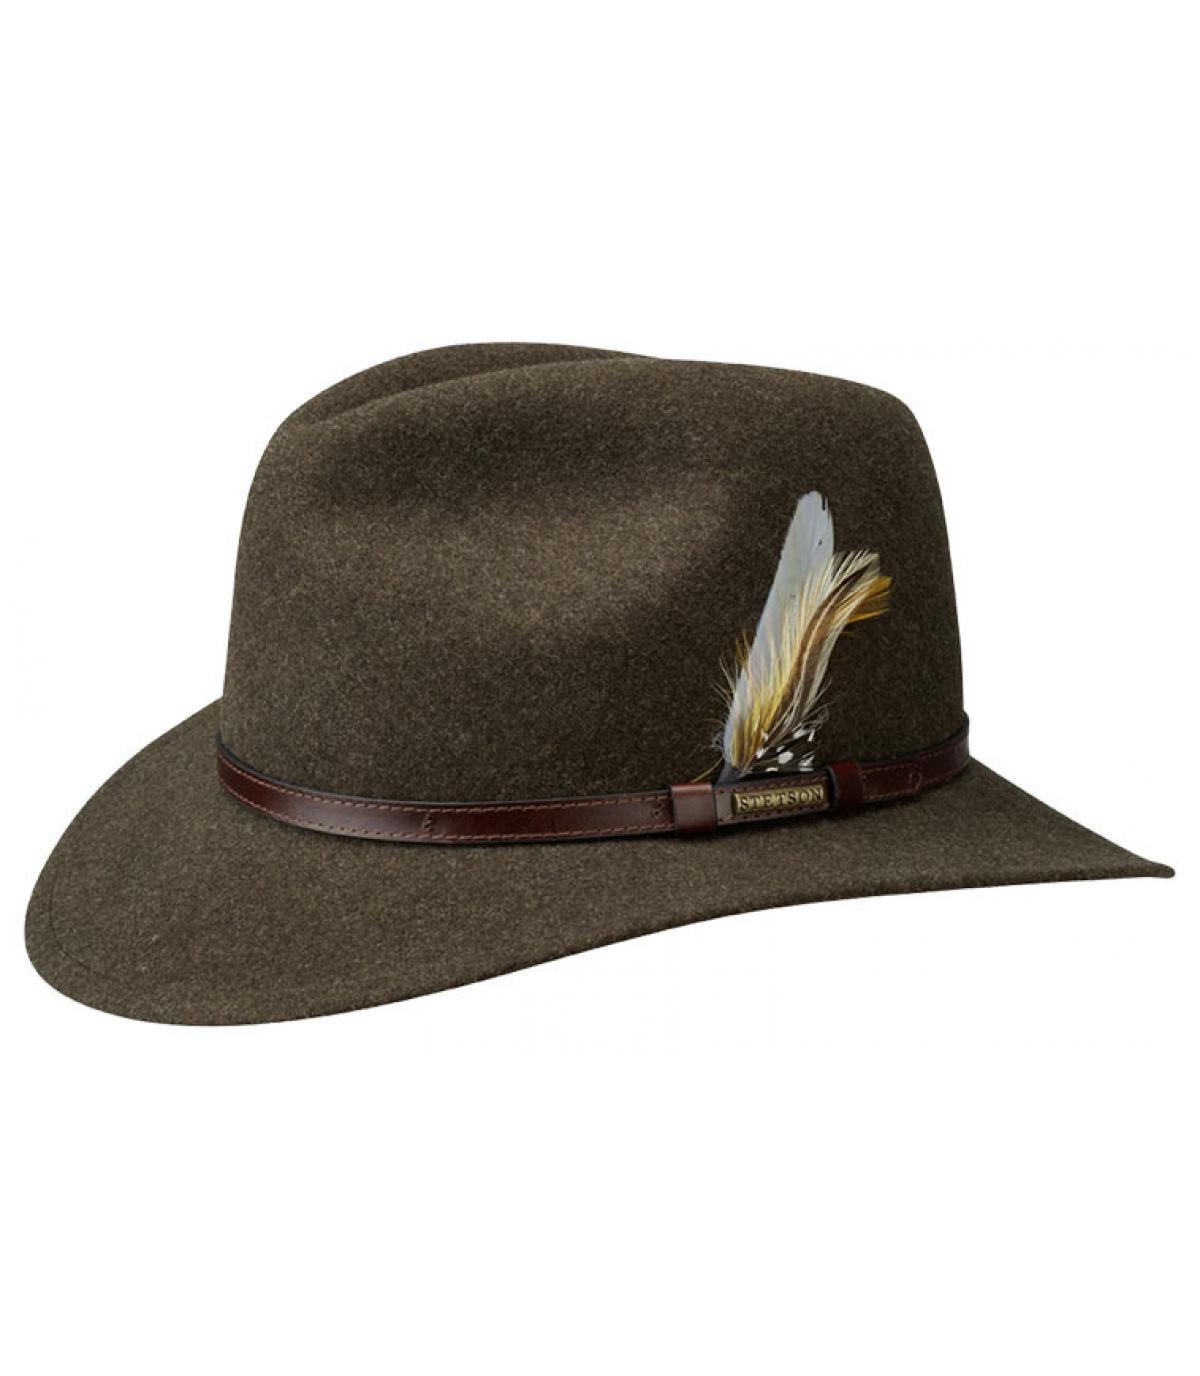 Chapeau feutre marron Stetson